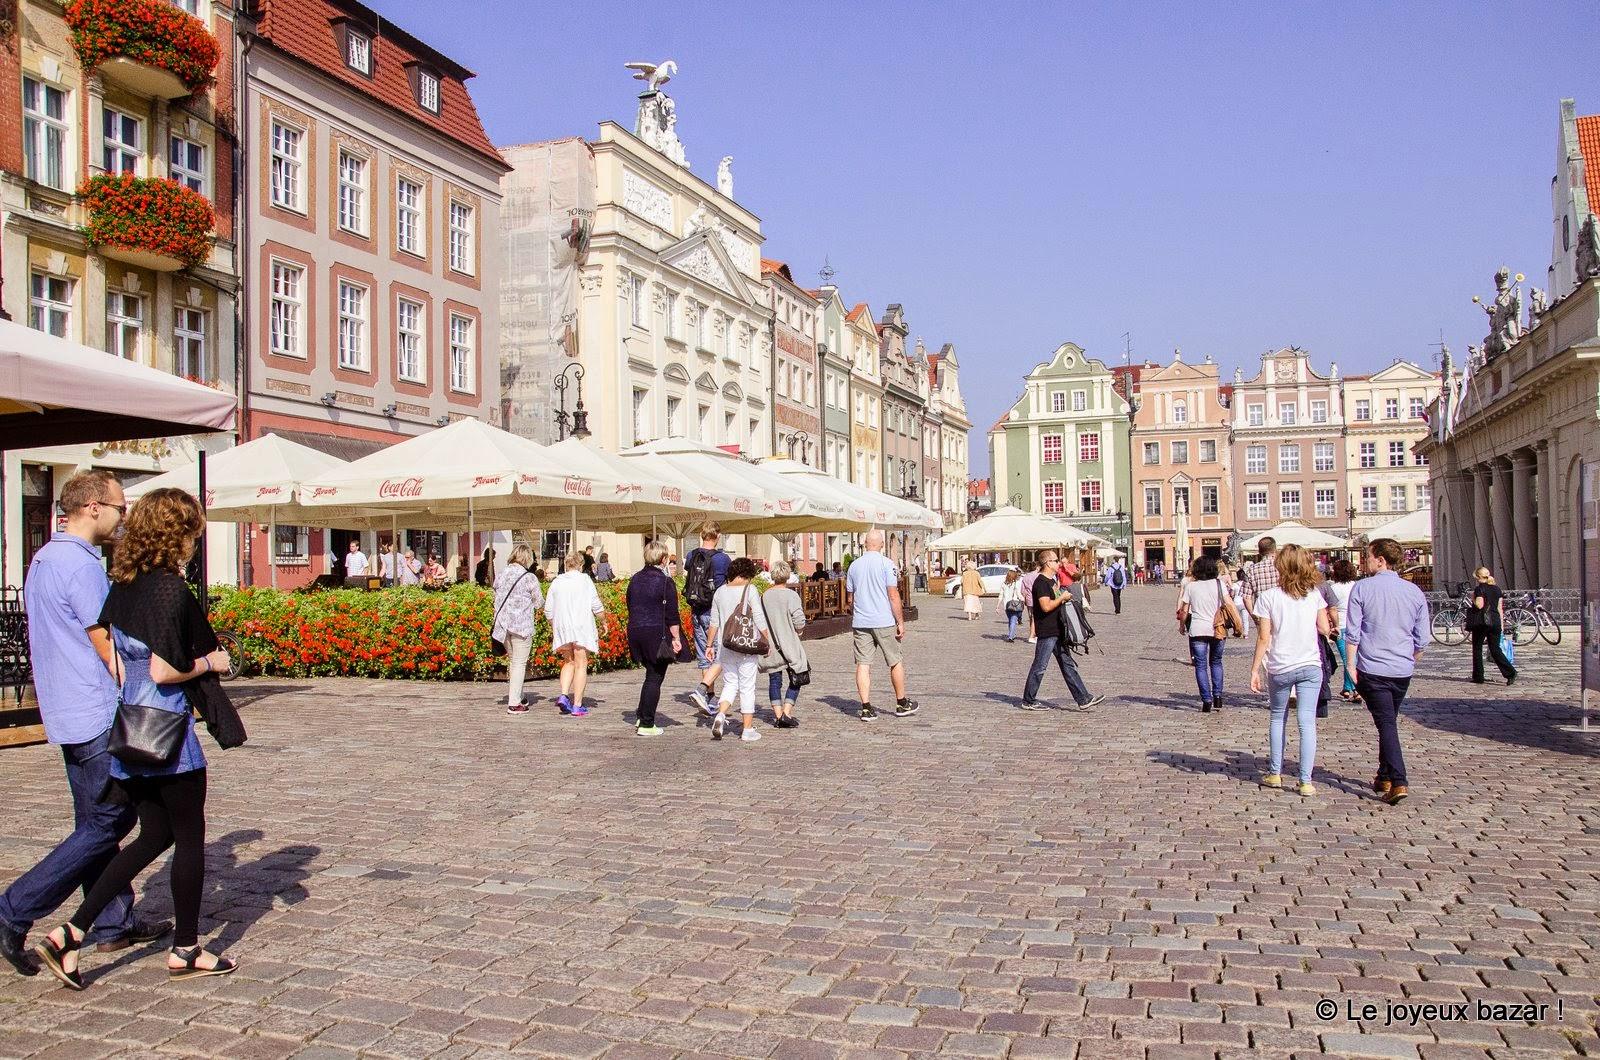 Poznan - Stary rynek